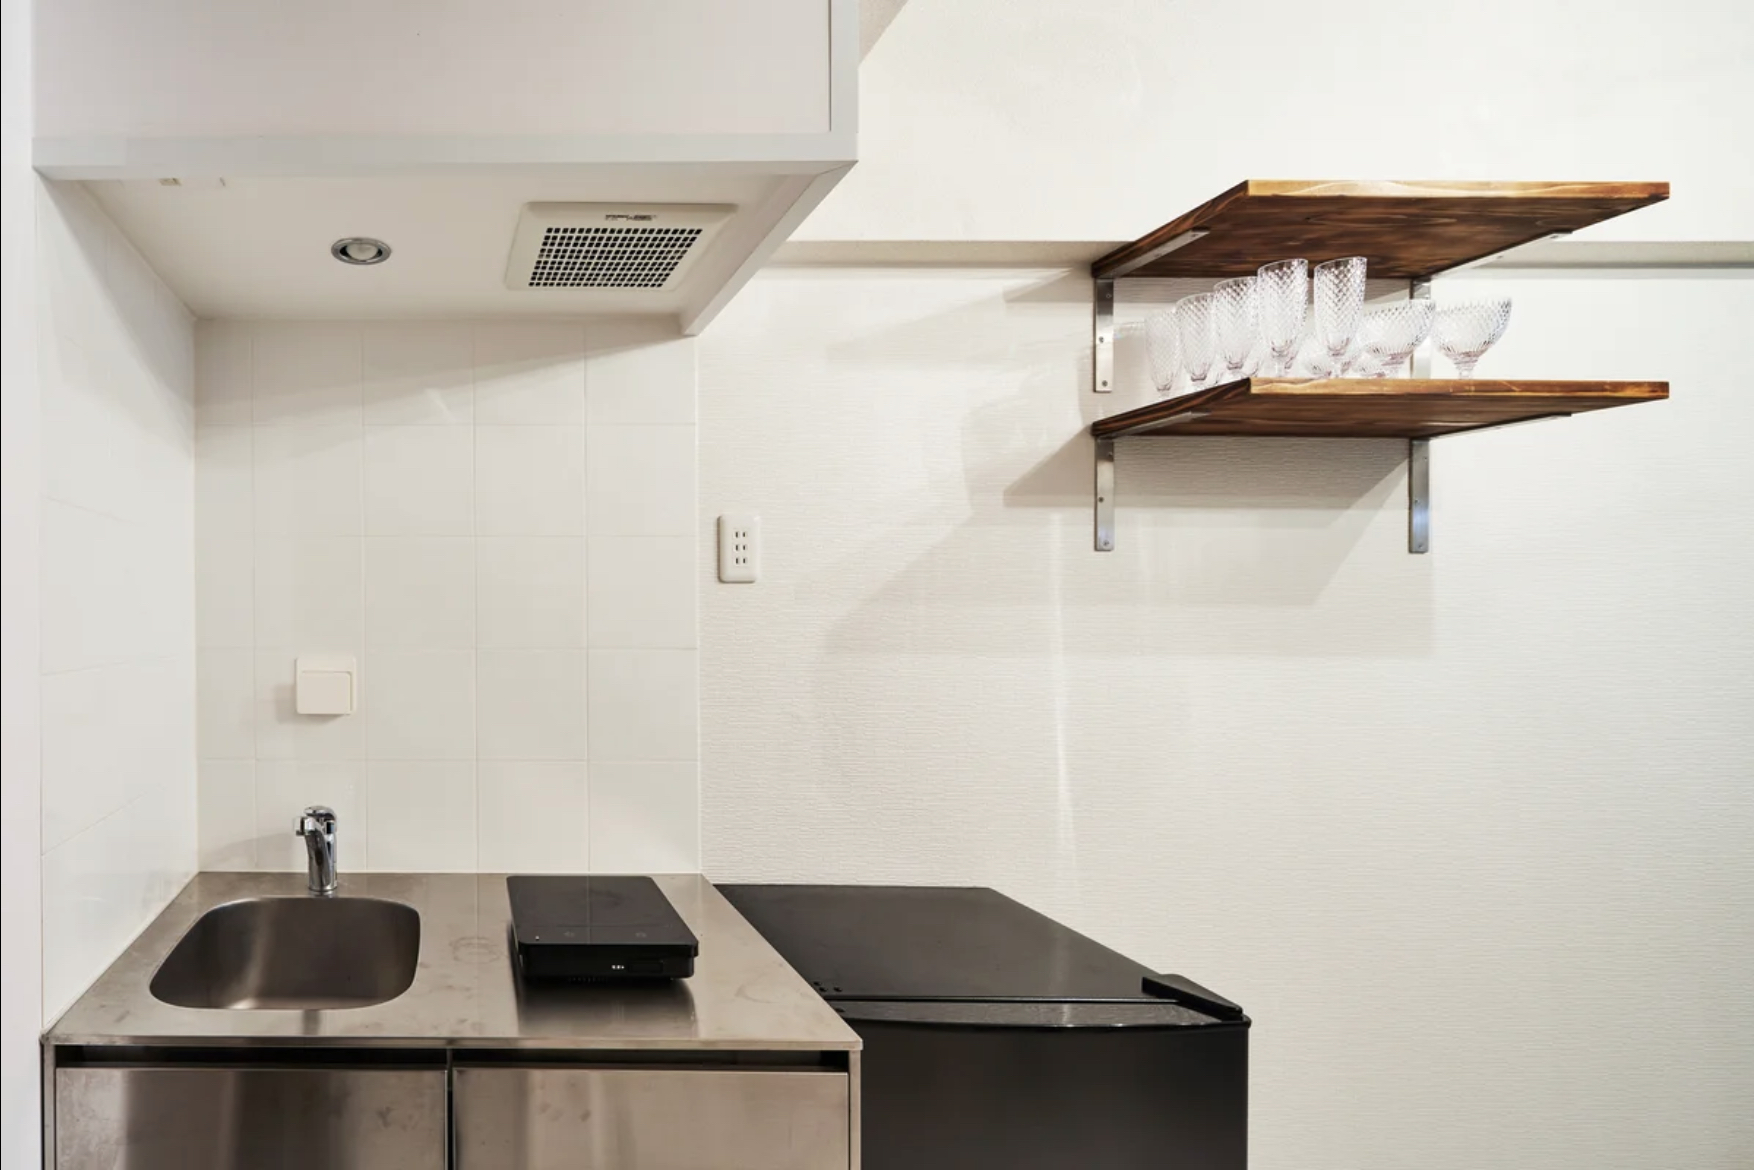 キレイなキッチン - レンタルスペース【ルームルーム】 レンタルスペースルームルームの室内の写真